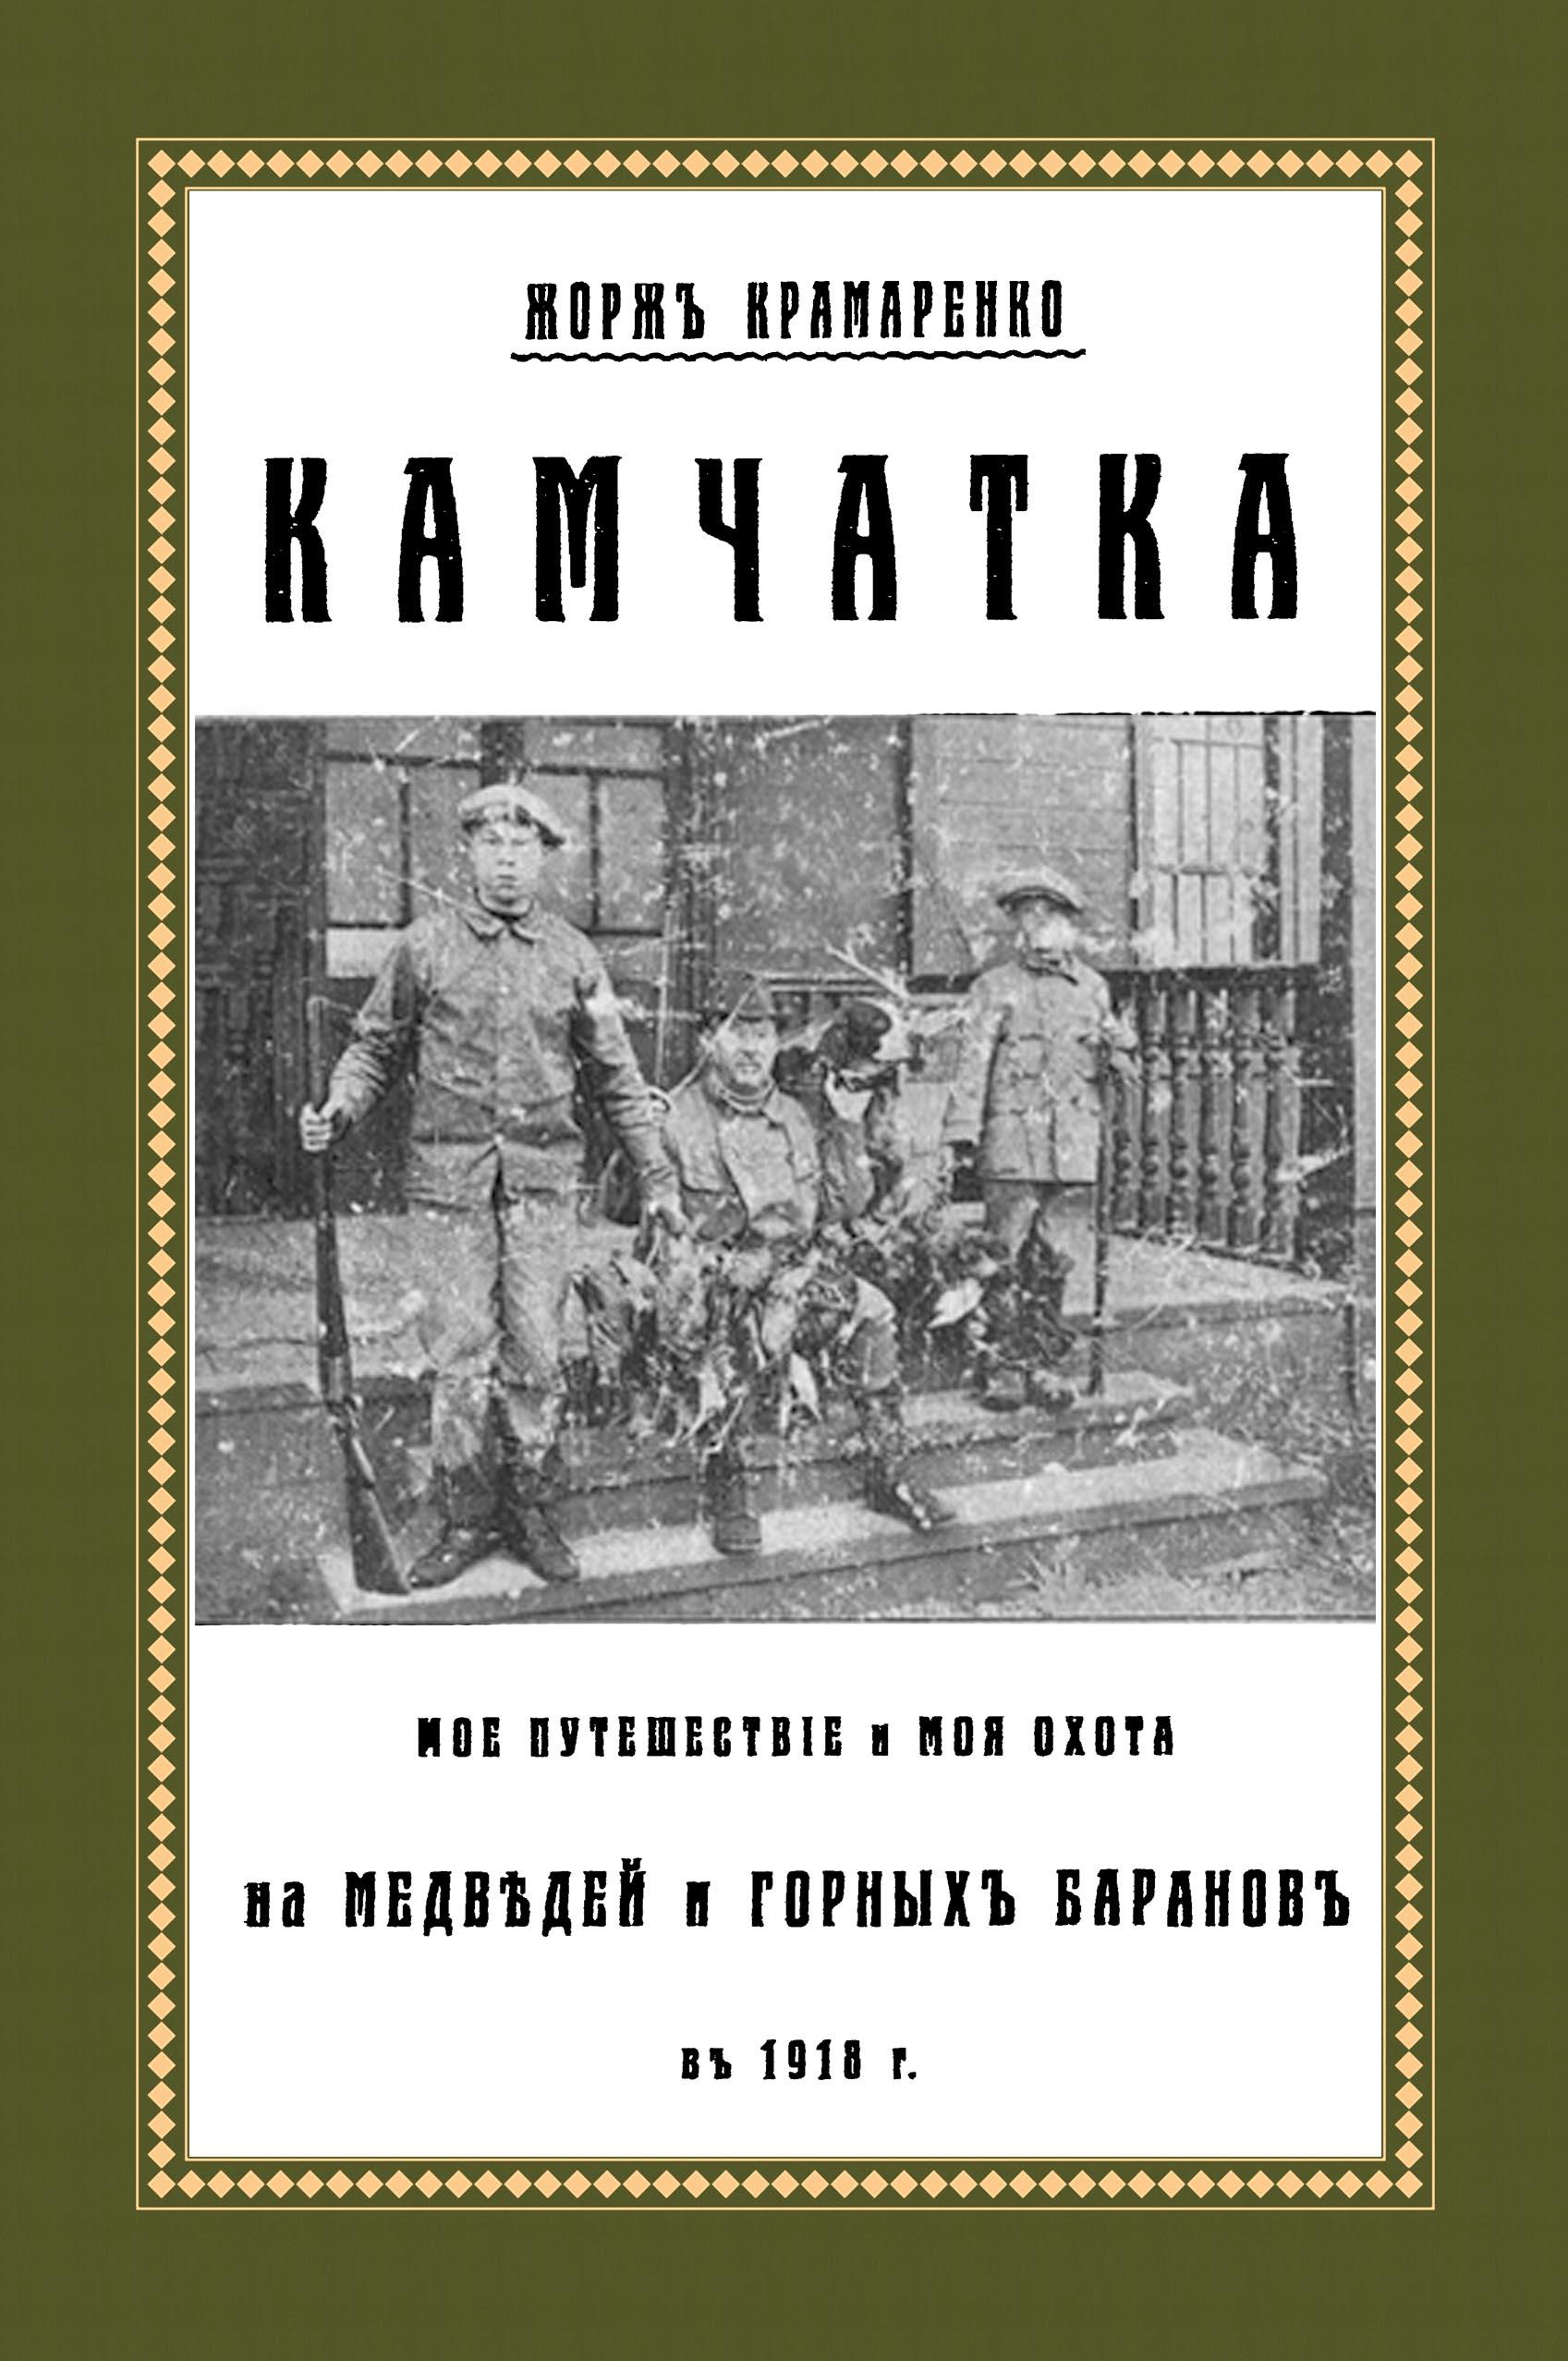 Камчатка. Мое путешествие и моя охота на медведей и горных баранов в 1918 г.. Крамаренко Жорж